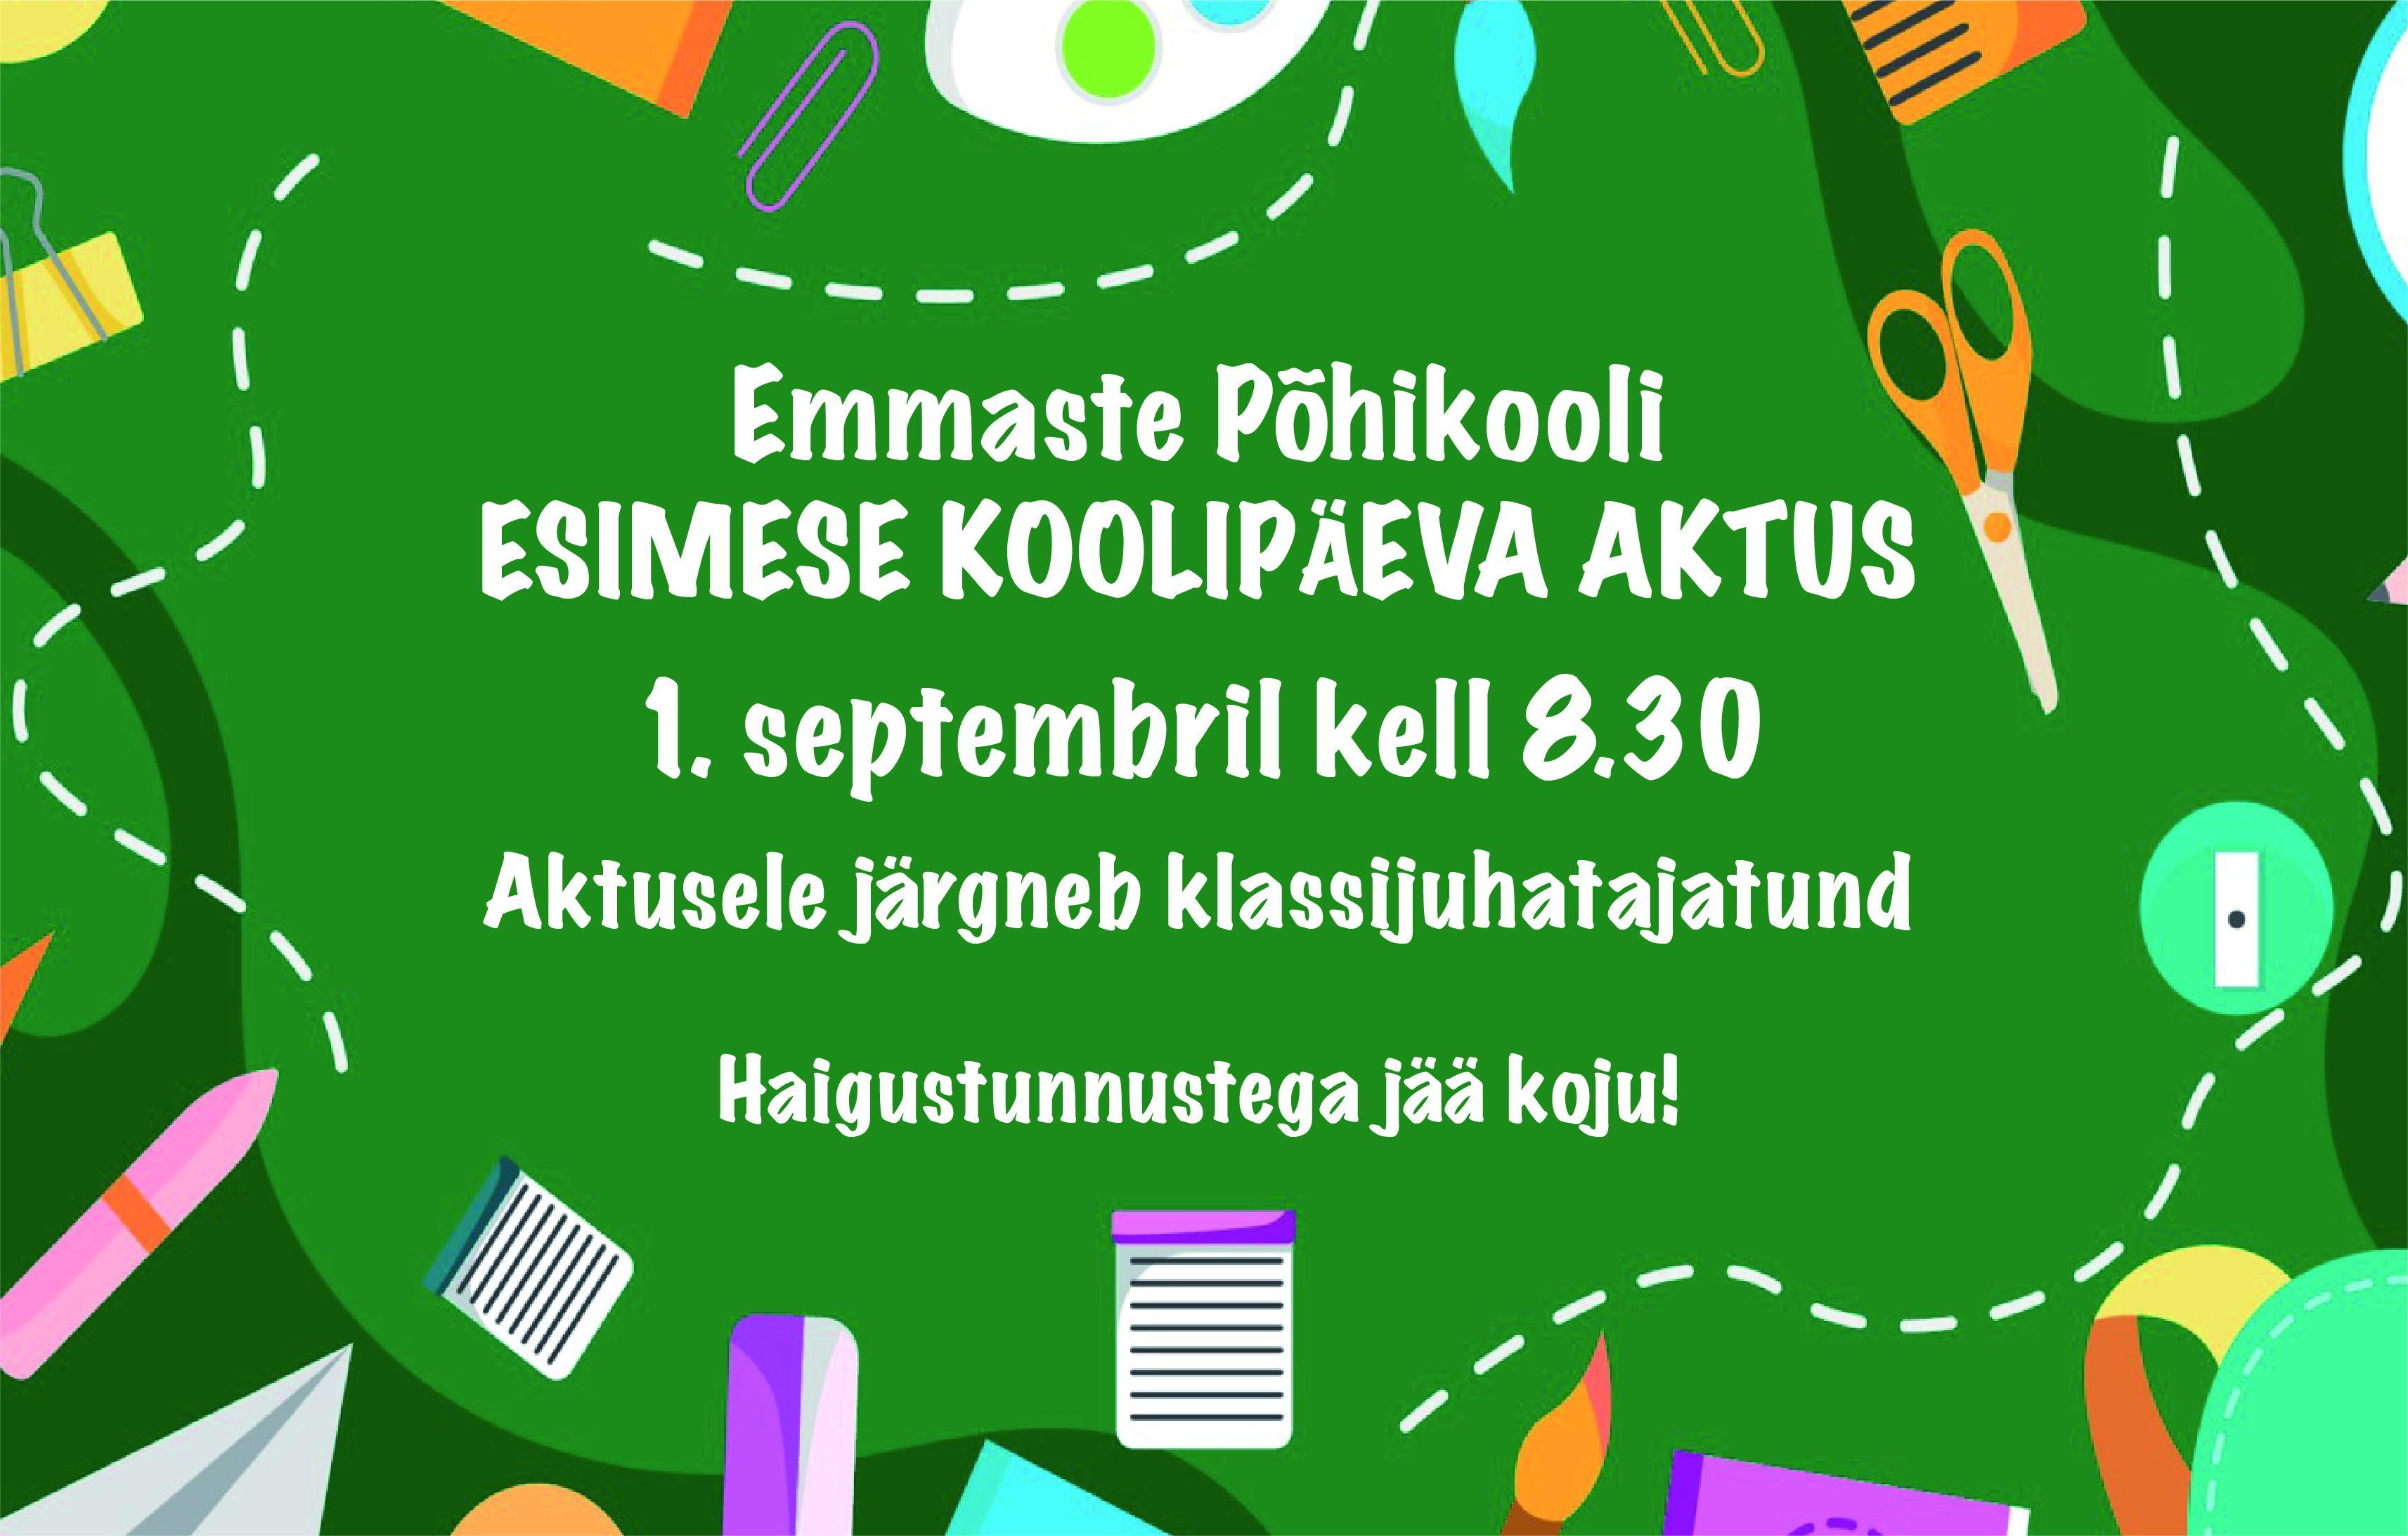 Emmaste Põhikooli esimese koolipäeva aktus on 1.septembril kell 8.30. Aktusele järgneb klassijuhatajatund. Haigusnähtudega jää koju!